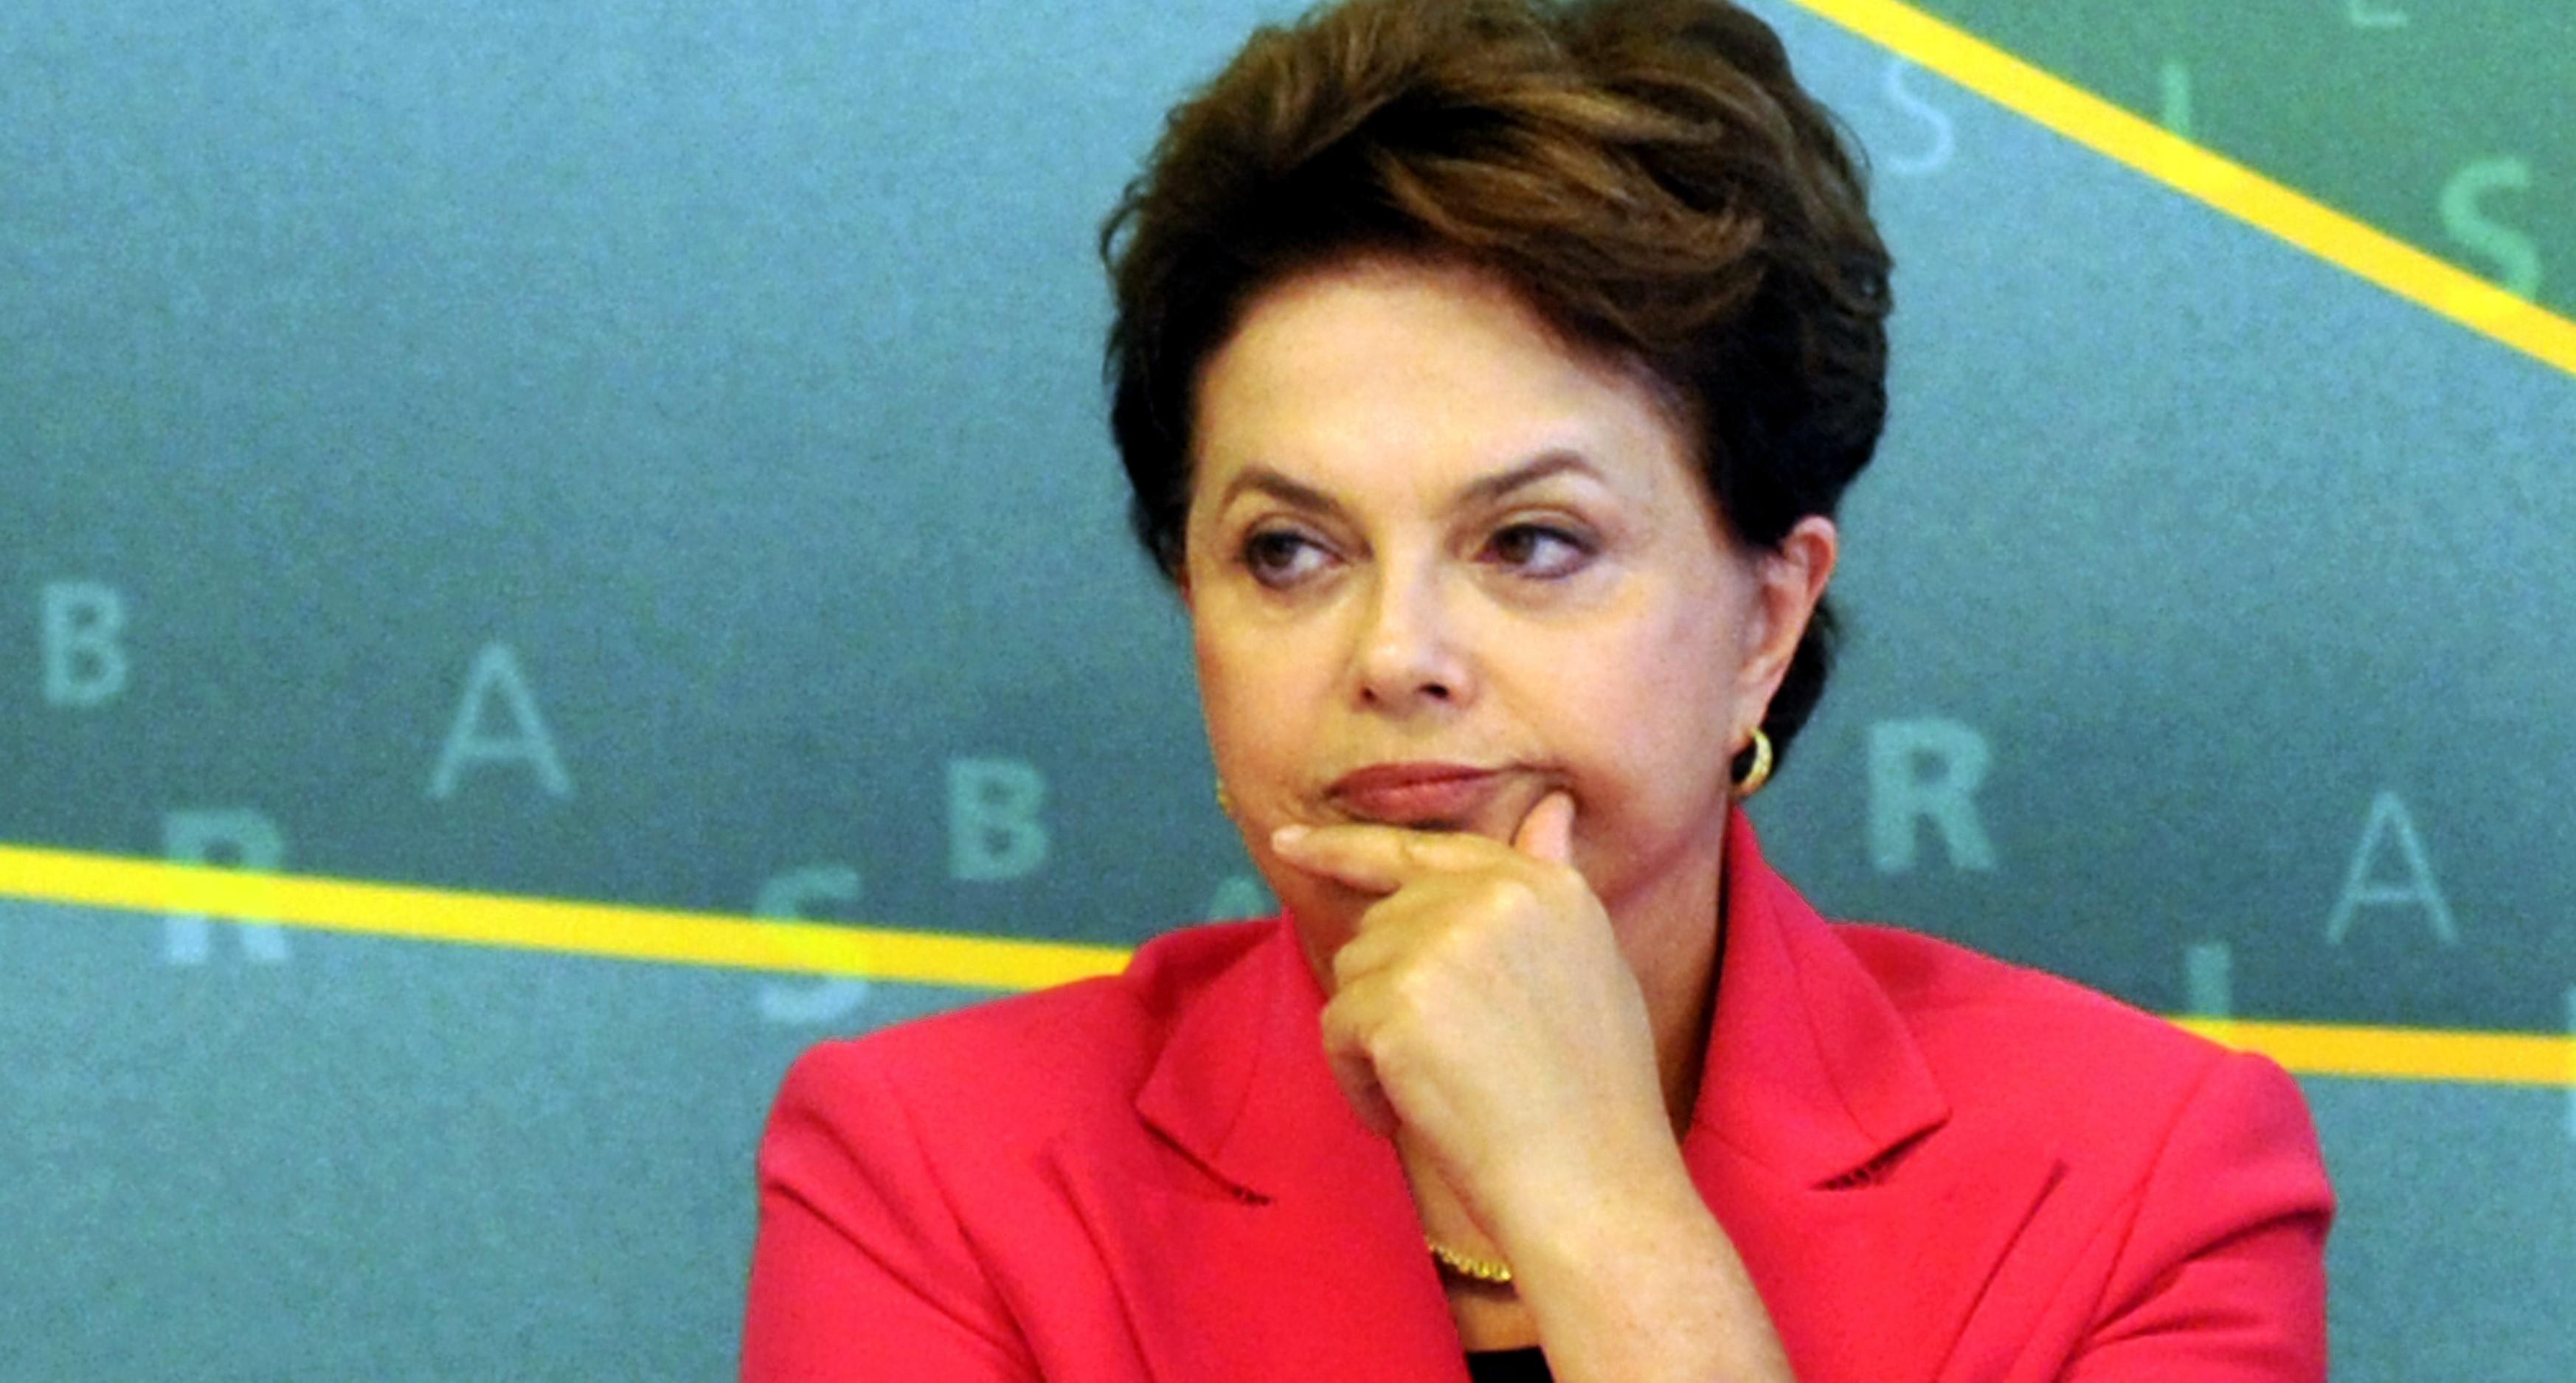 Dilma deverá comparecer ao Senado para se defender às 9h da segunda-feira, 29 / Foto: Agência Brasil